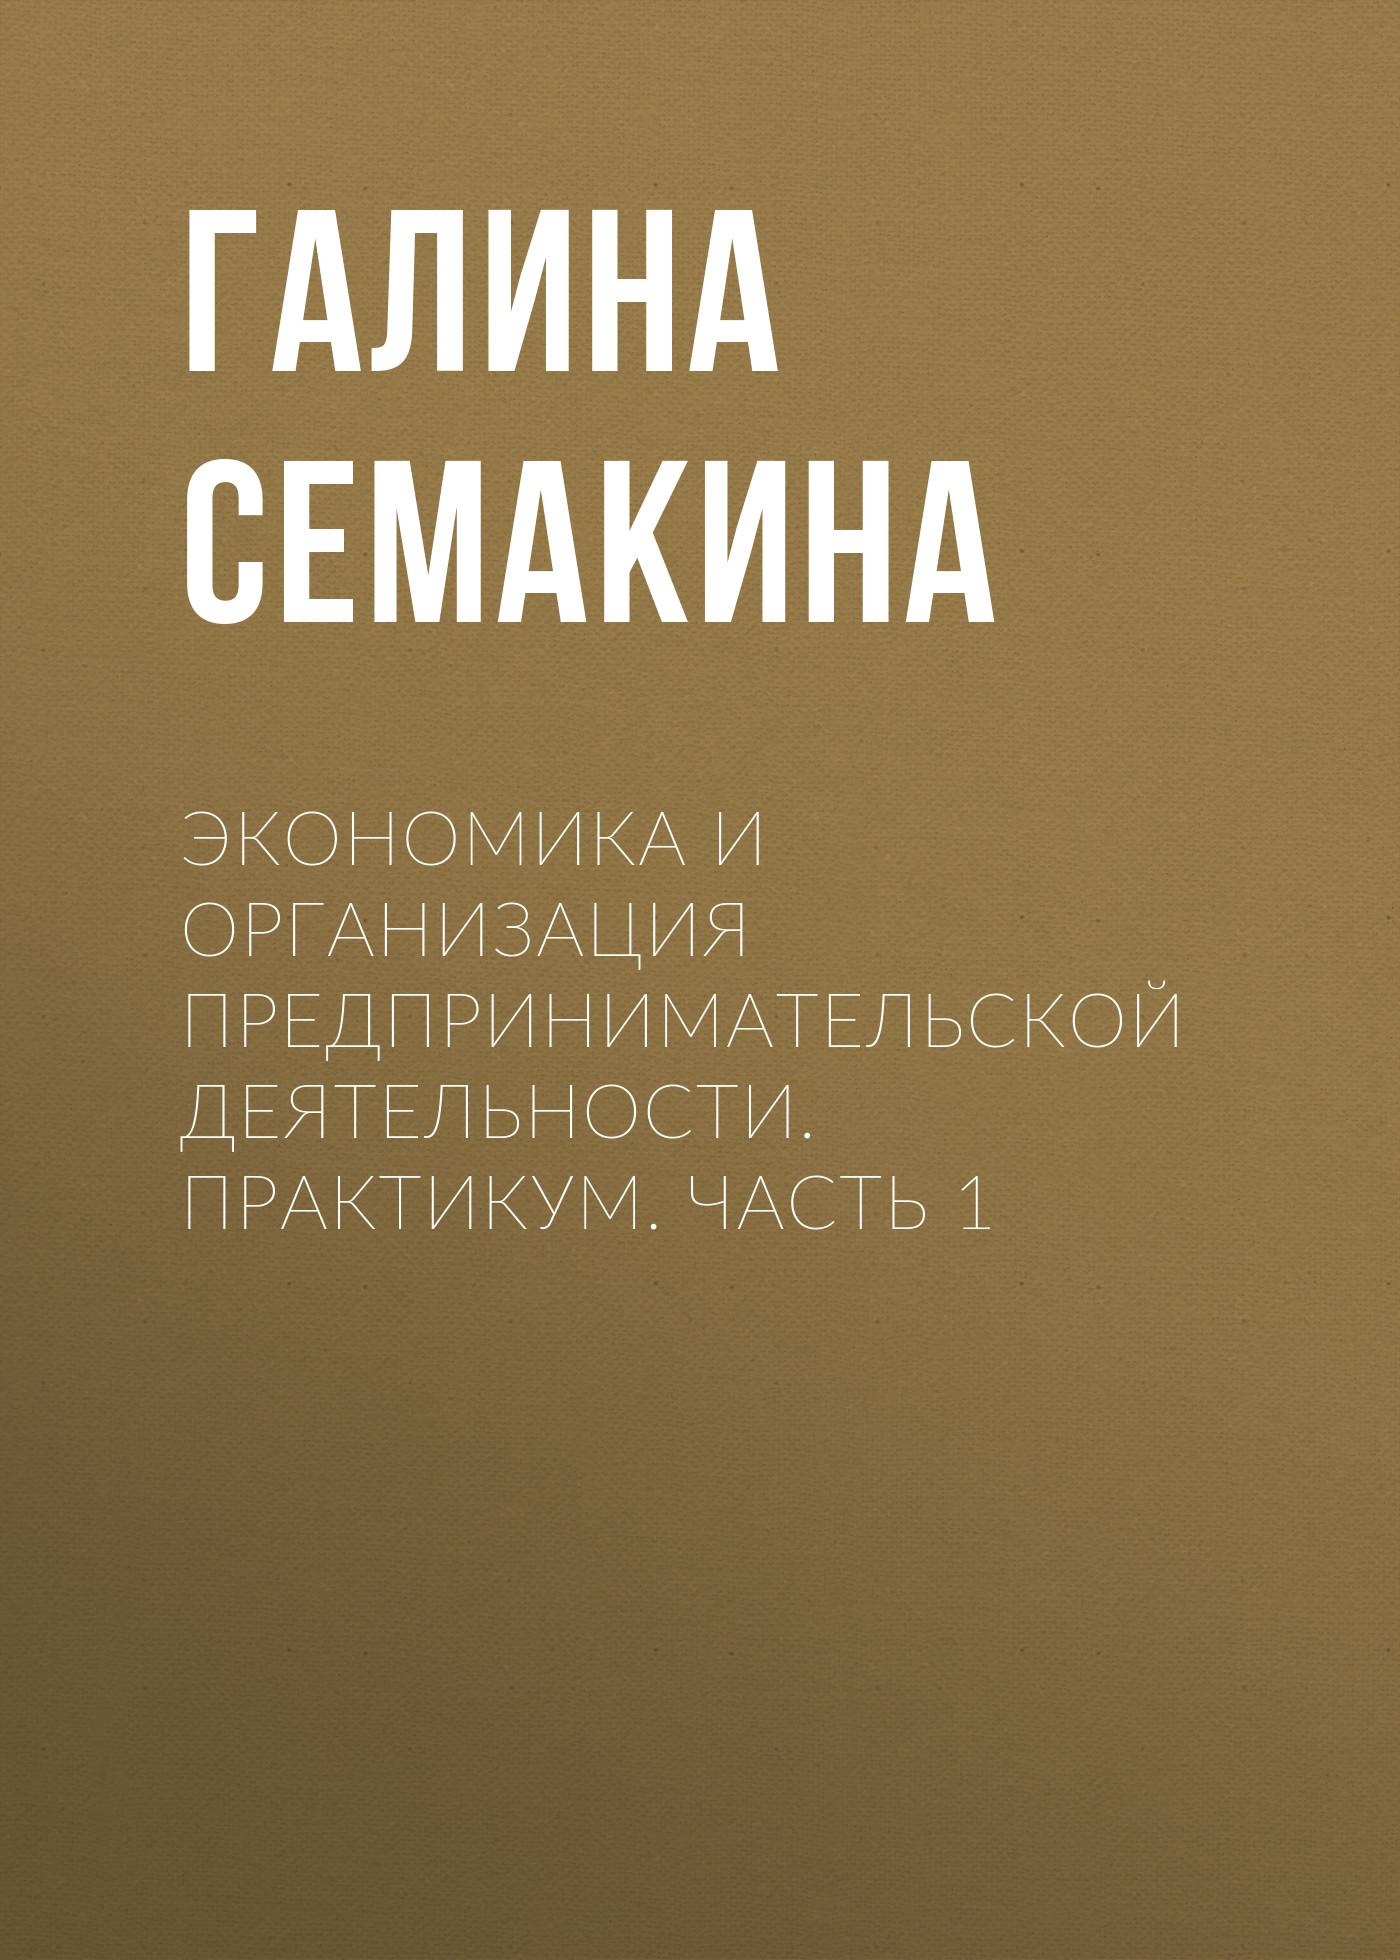 Галина Семакина Экономика и организация предпринимательской деятельности. Практикум. Часть 1 недорого